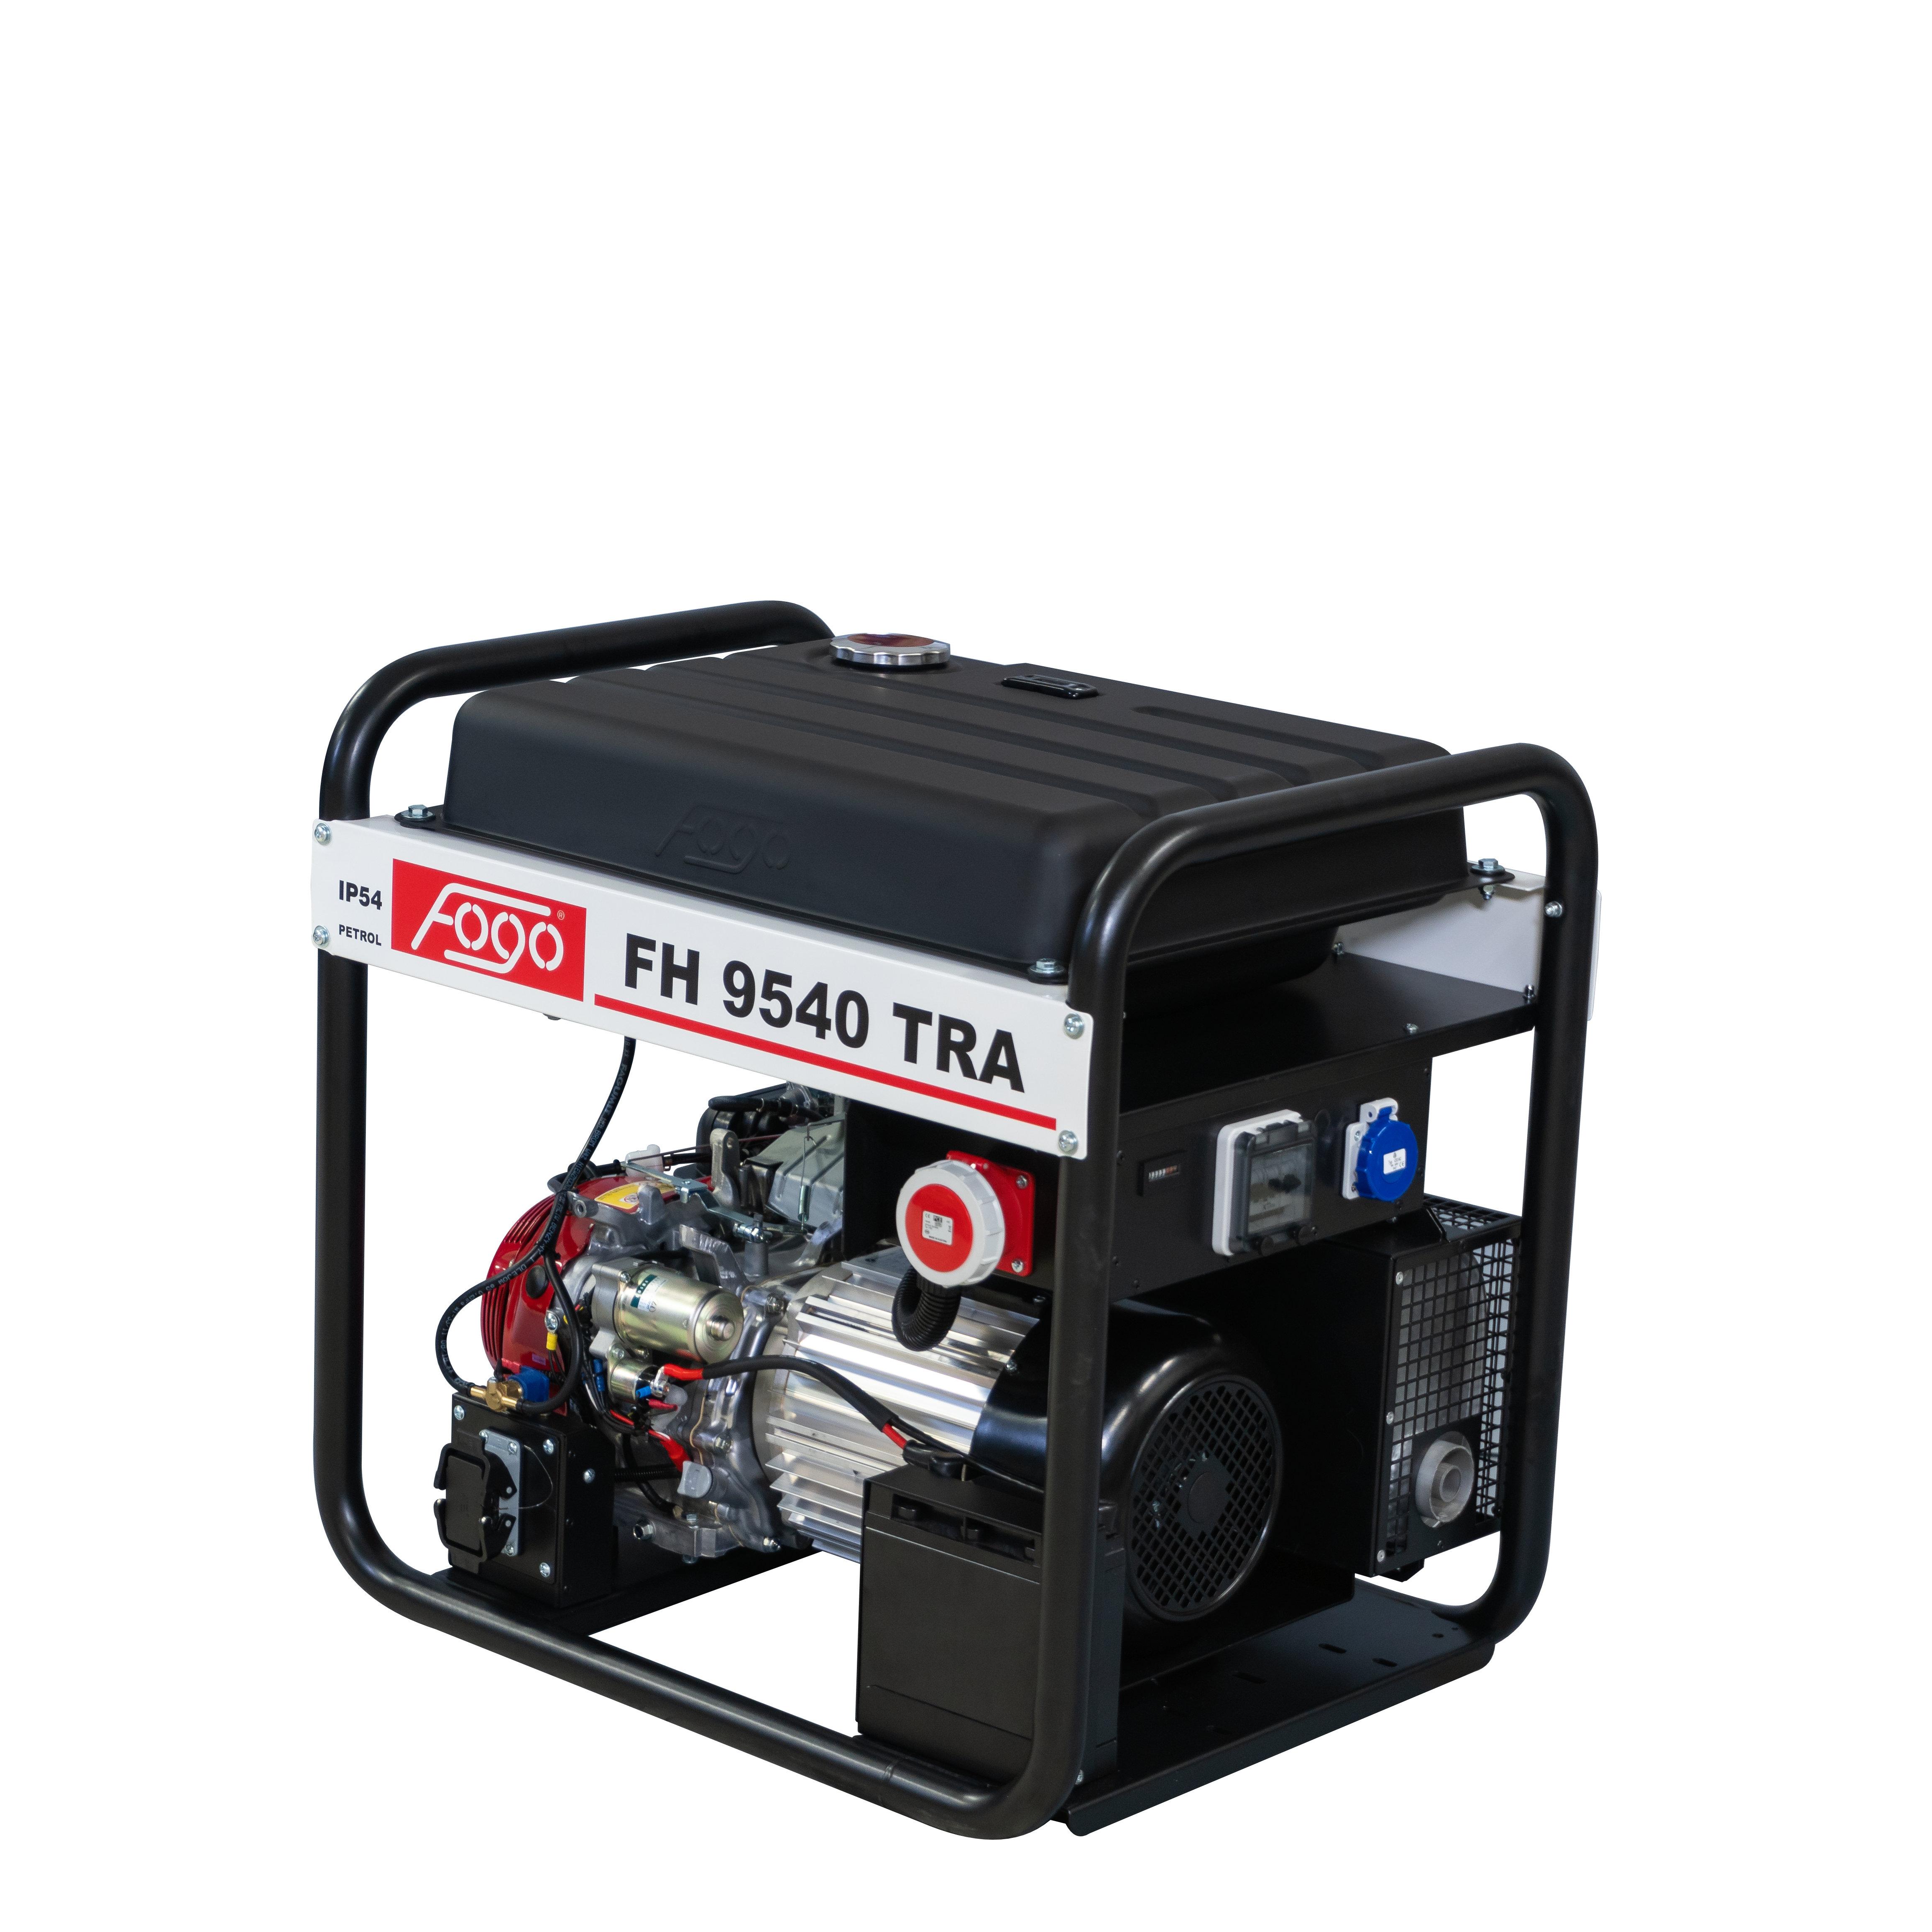 VORVERKAUF!!! FOGO Powered by HONDA 8.1 kVA Stromaggregat AVR 400V FH9540TRA